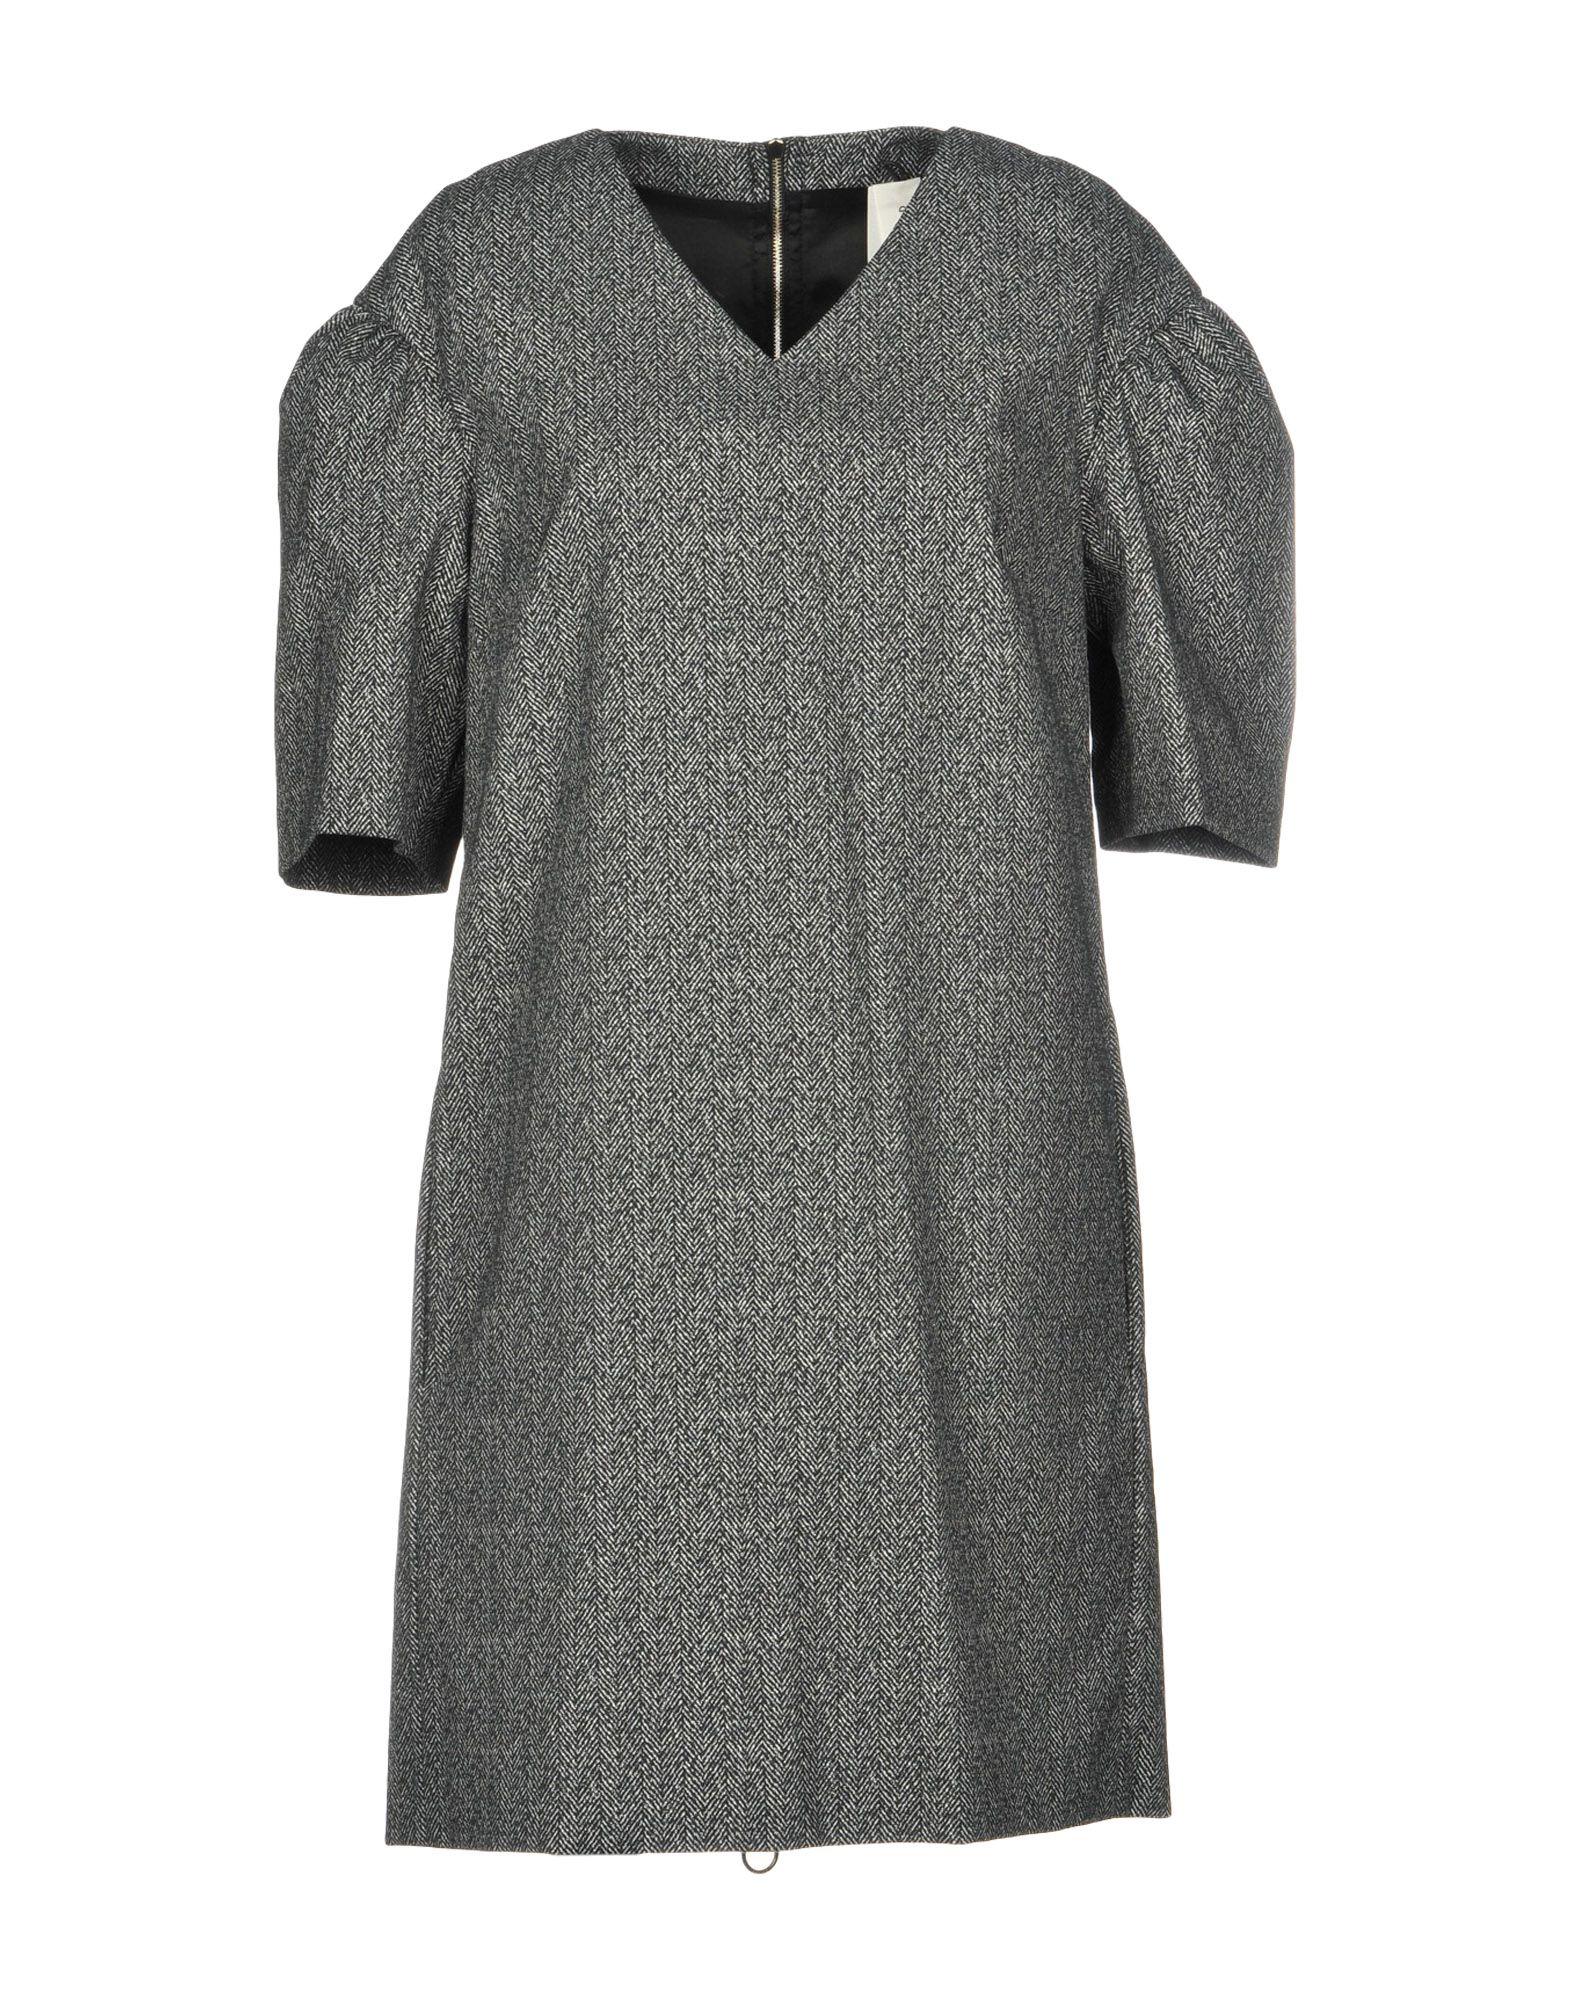 ANNIE P. Короткое платье annie p мини юбка